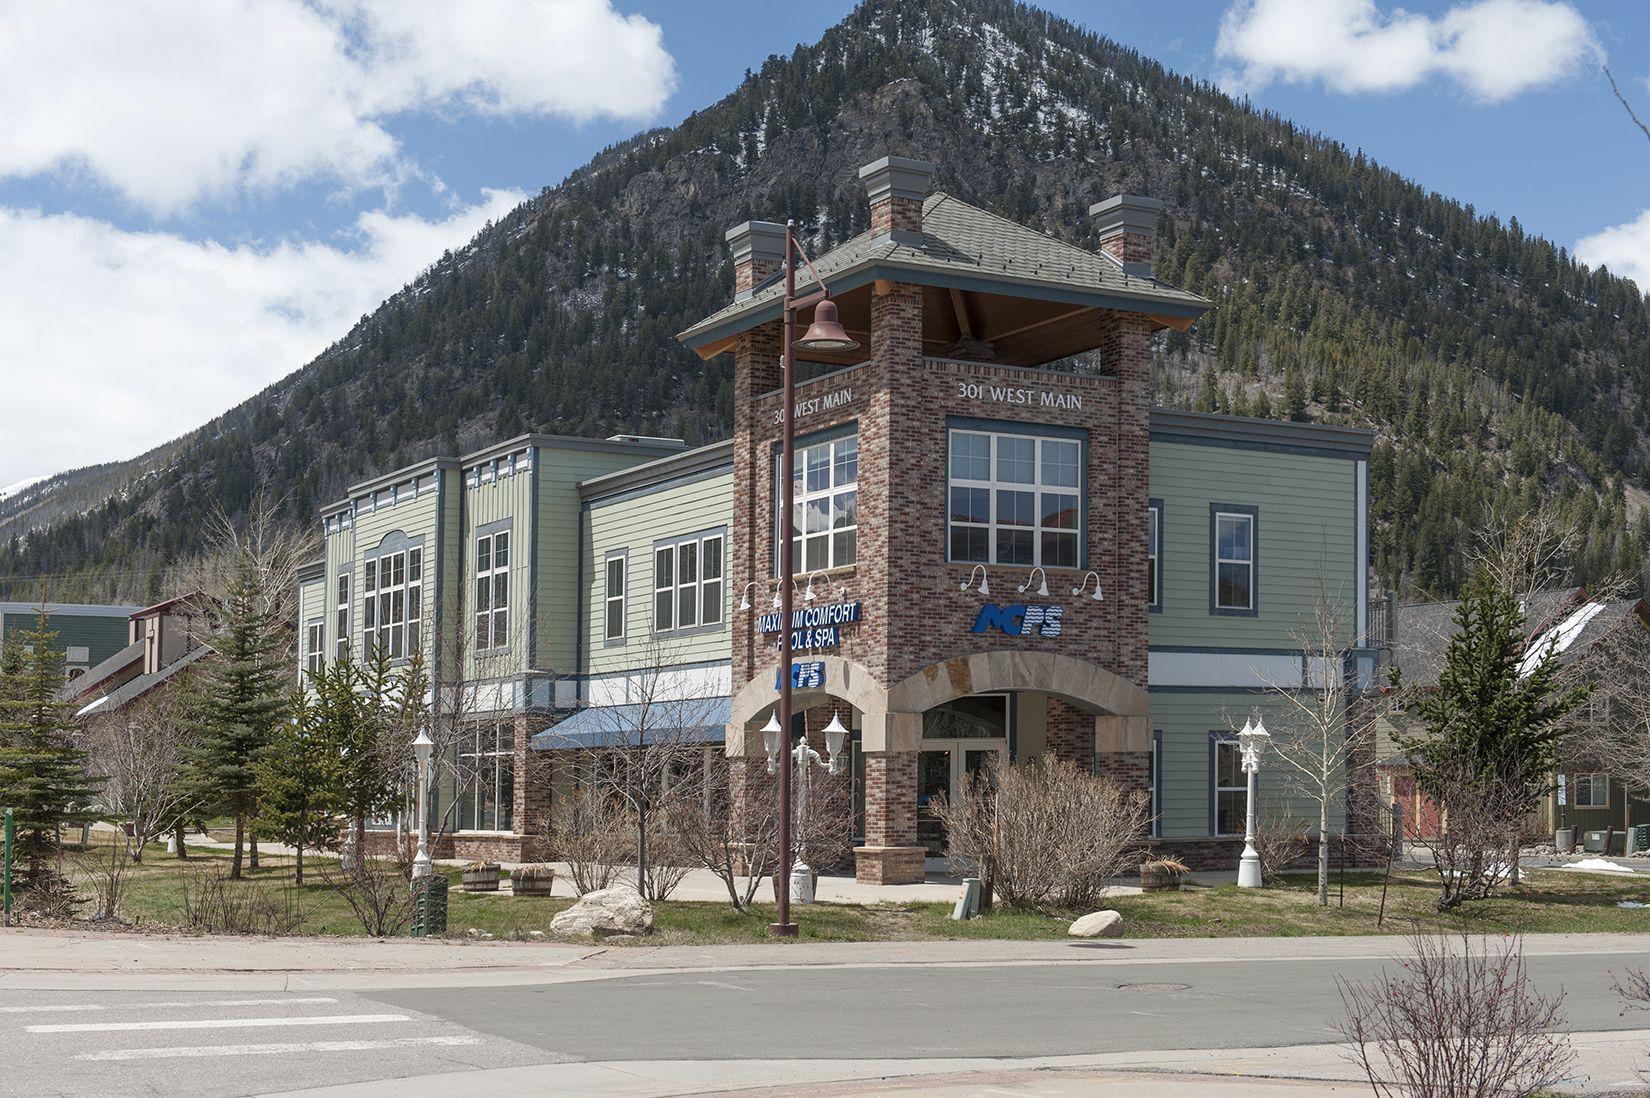 301 MAIN STREET W # 201 FRISCO, Colorado 80443